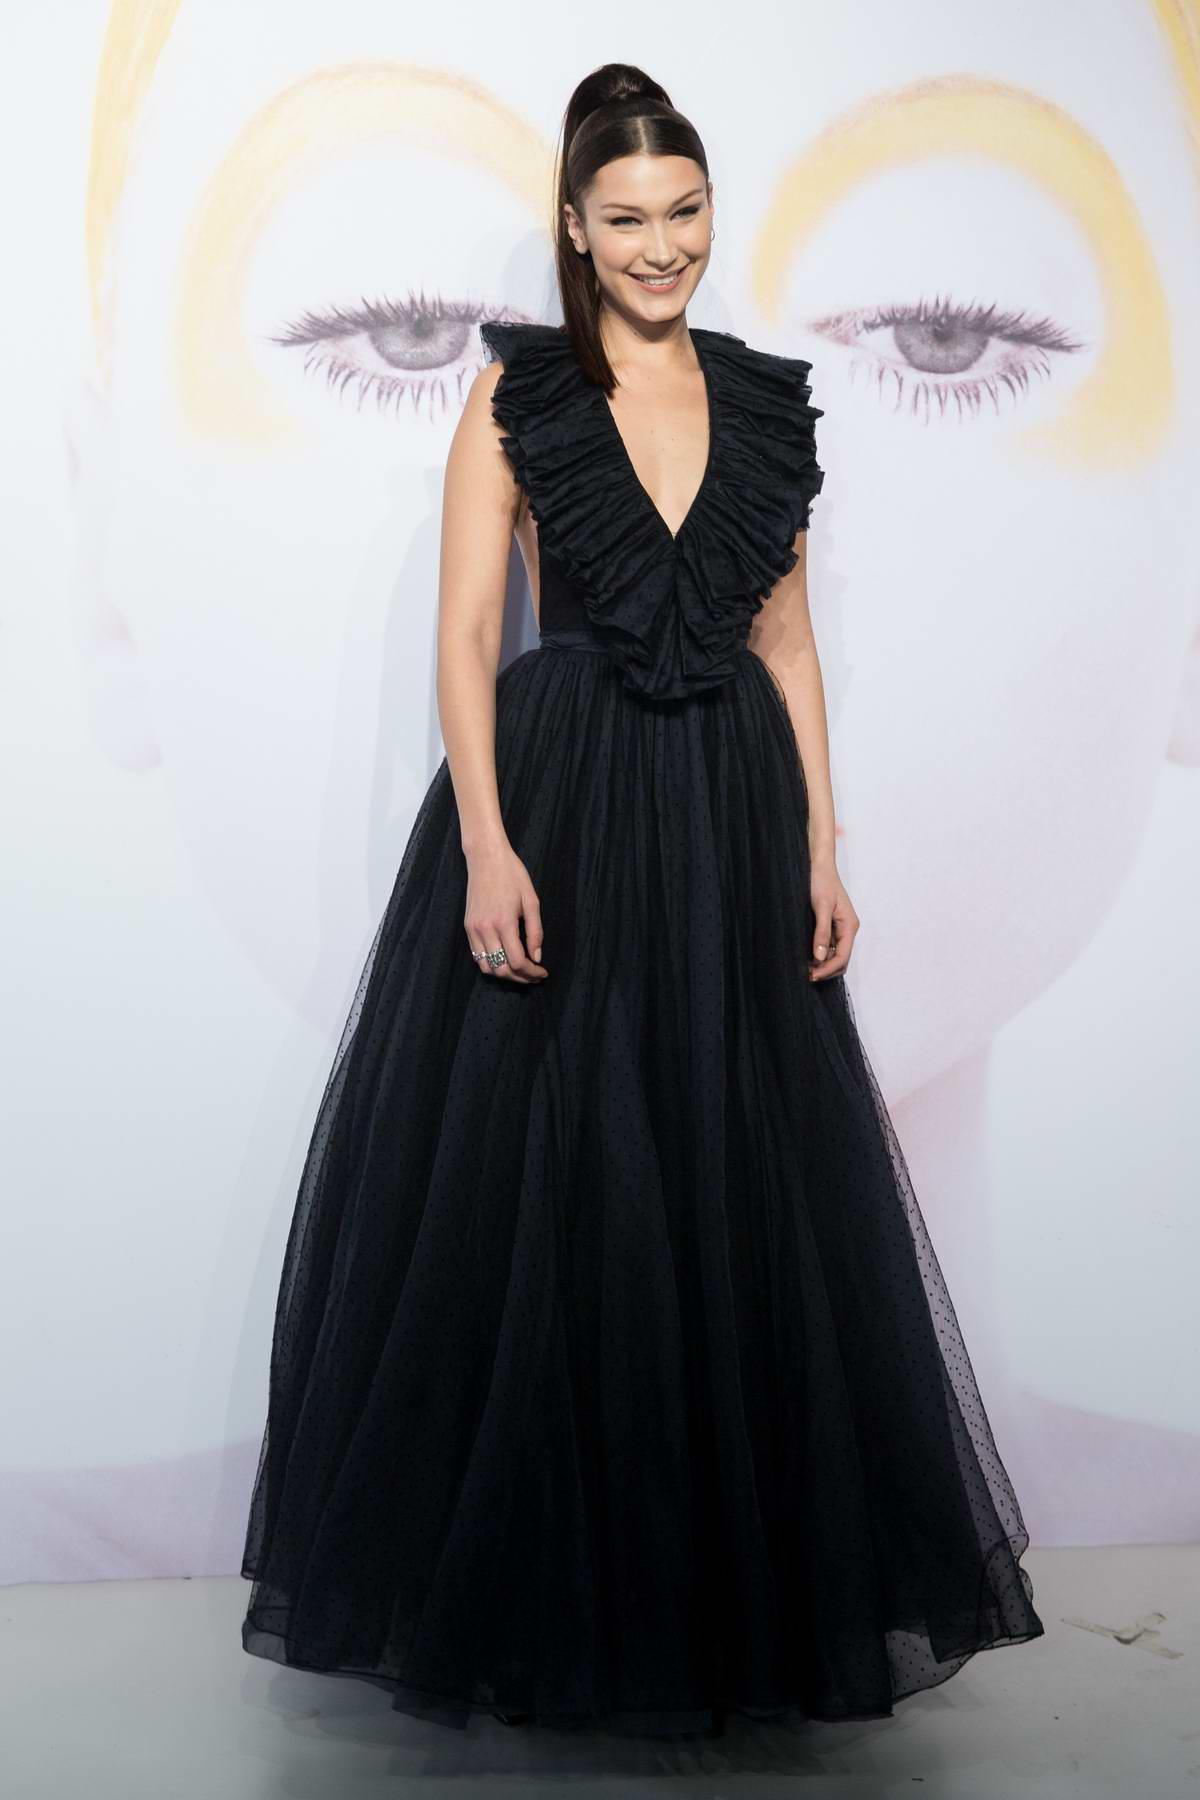 Bella Hadid at 'Dior, The Art of Color' Exhibition at Moca Shanghai in Shanghai, China